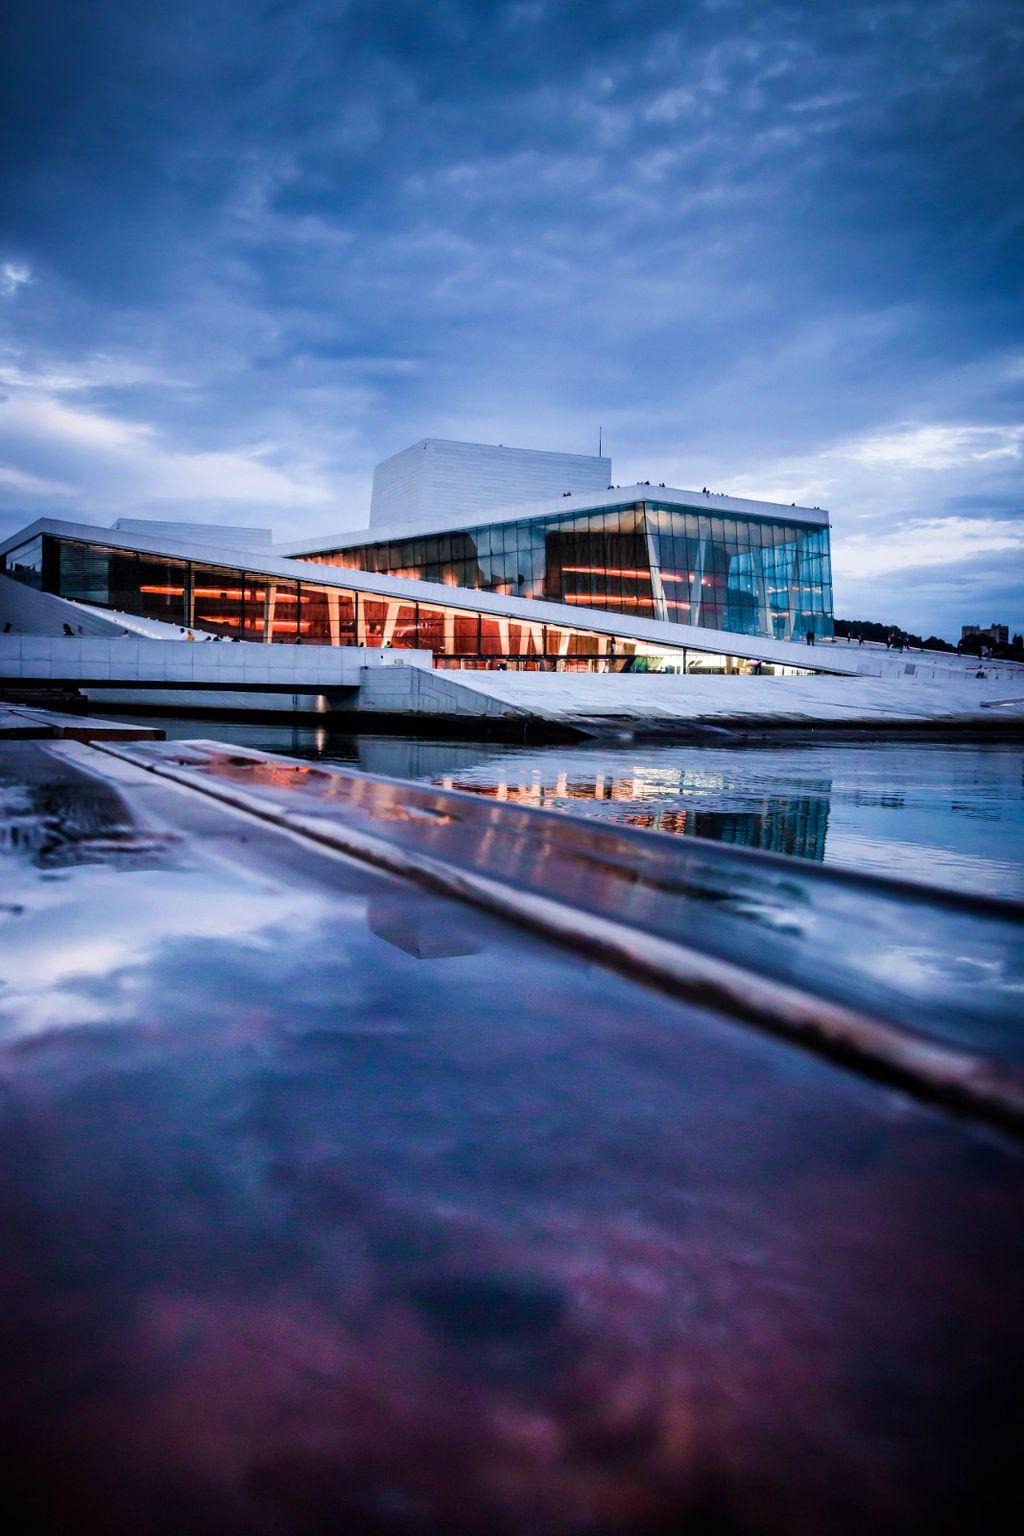 Oslo je najskuplji grad Europe prema City Costs Barometru